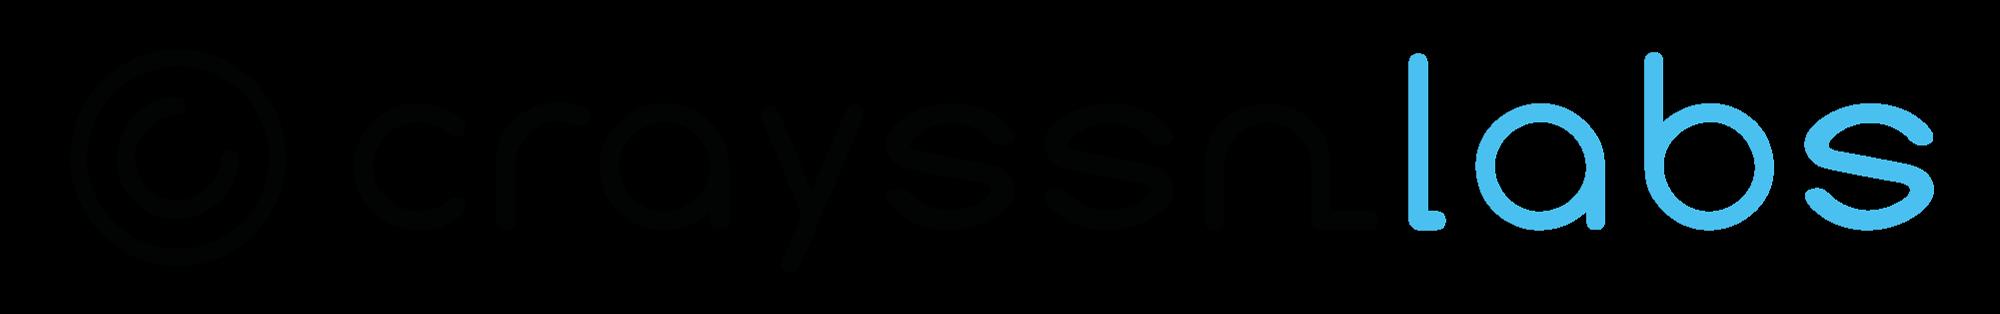 CrayssnLabs, Ihrer Agentur für Webdesign & SEO